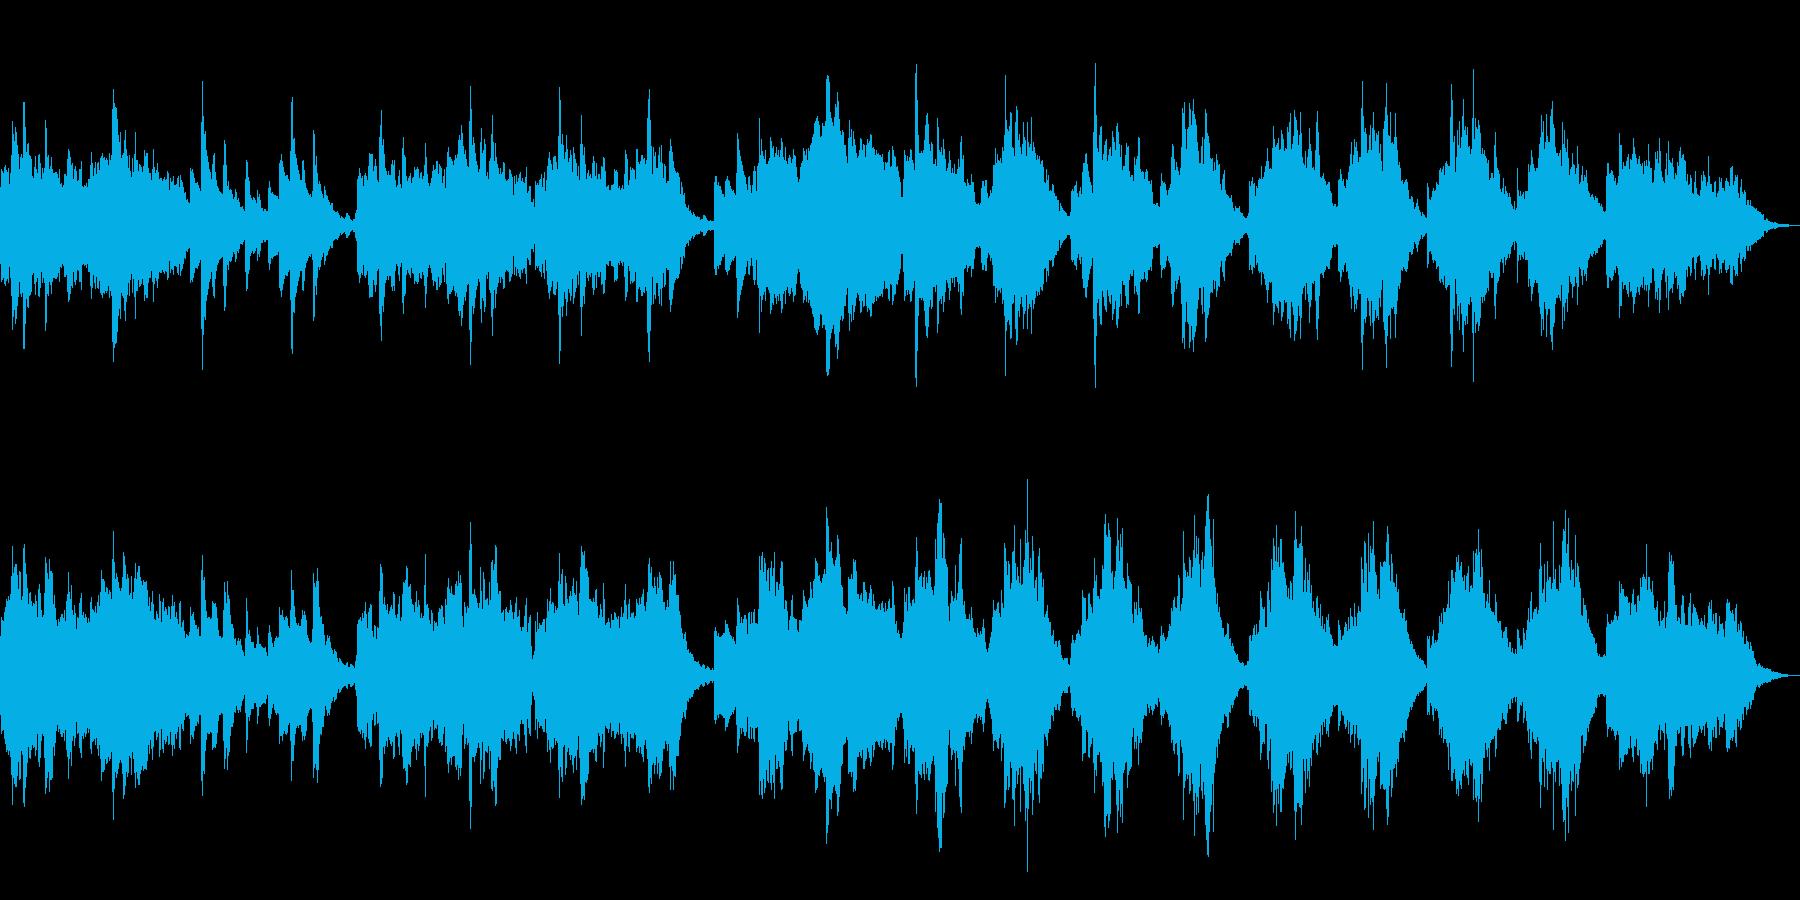 時がゆっくり流れるような尺八曲の再生済みの波形